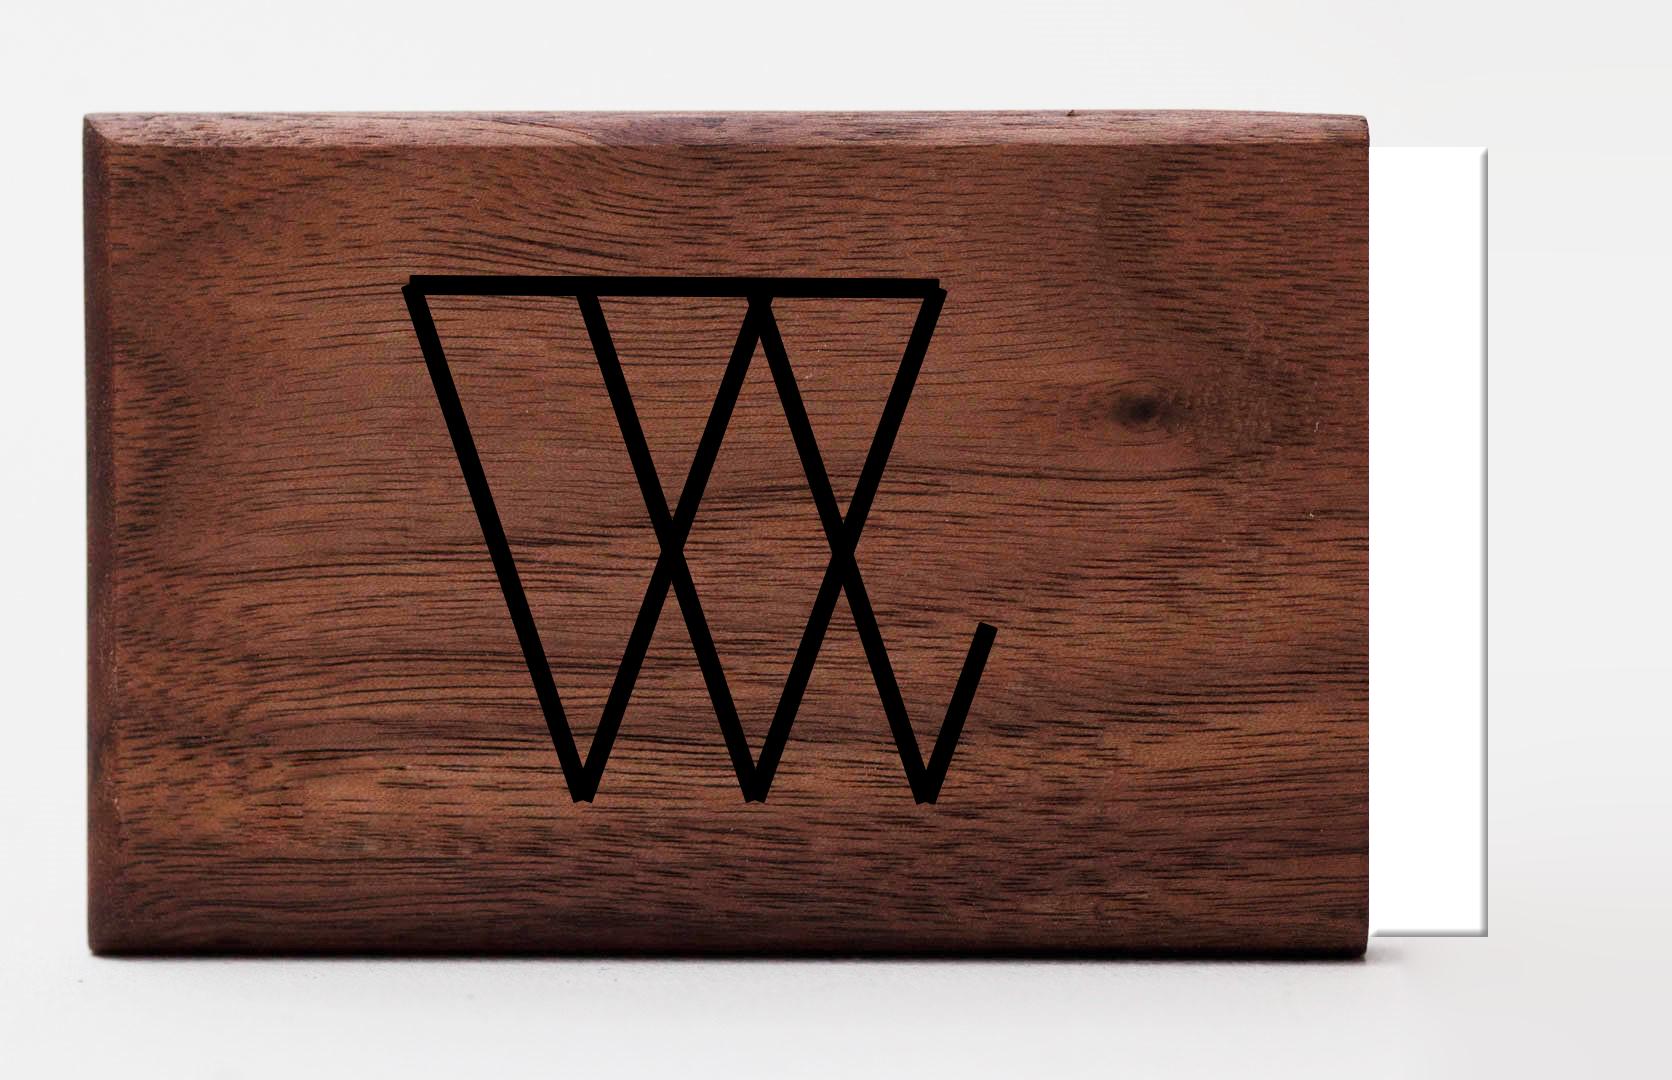 engraving logo graveren woodlink visitekaartjeshouder portemonnee pasjeshouder maatwerk